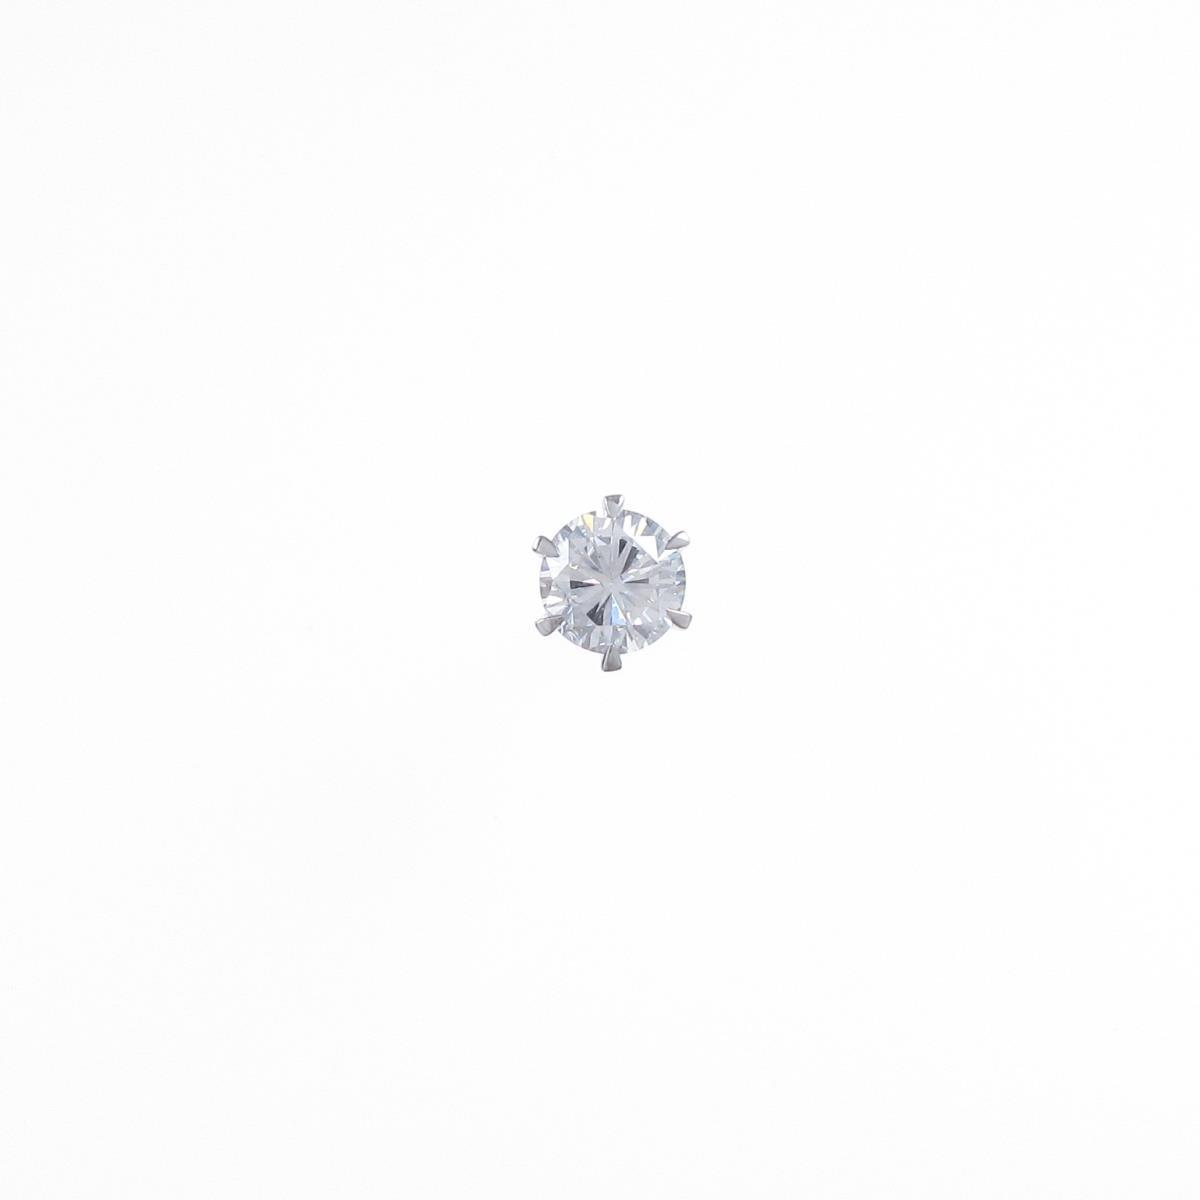 【リメイク】ST/プラチナダイヤモンドピアス 0.377ct・G・VVS2・FAIR 片耳【中古】